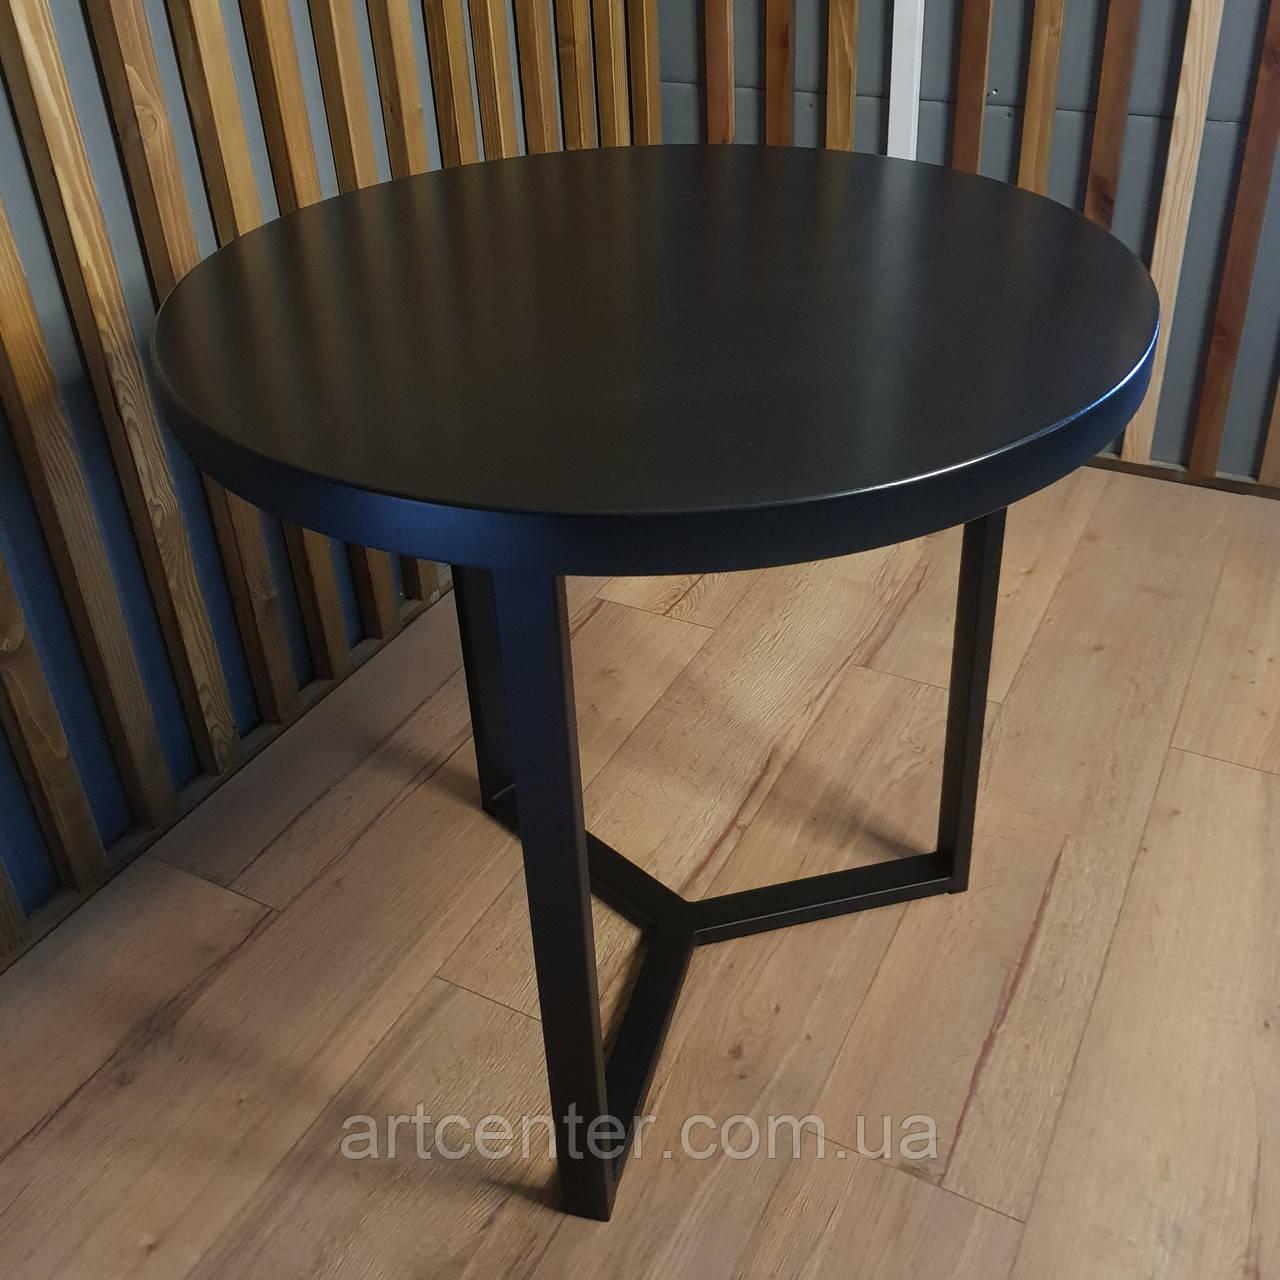 Круглый стол в черном цвете, столешница из натурального дерева